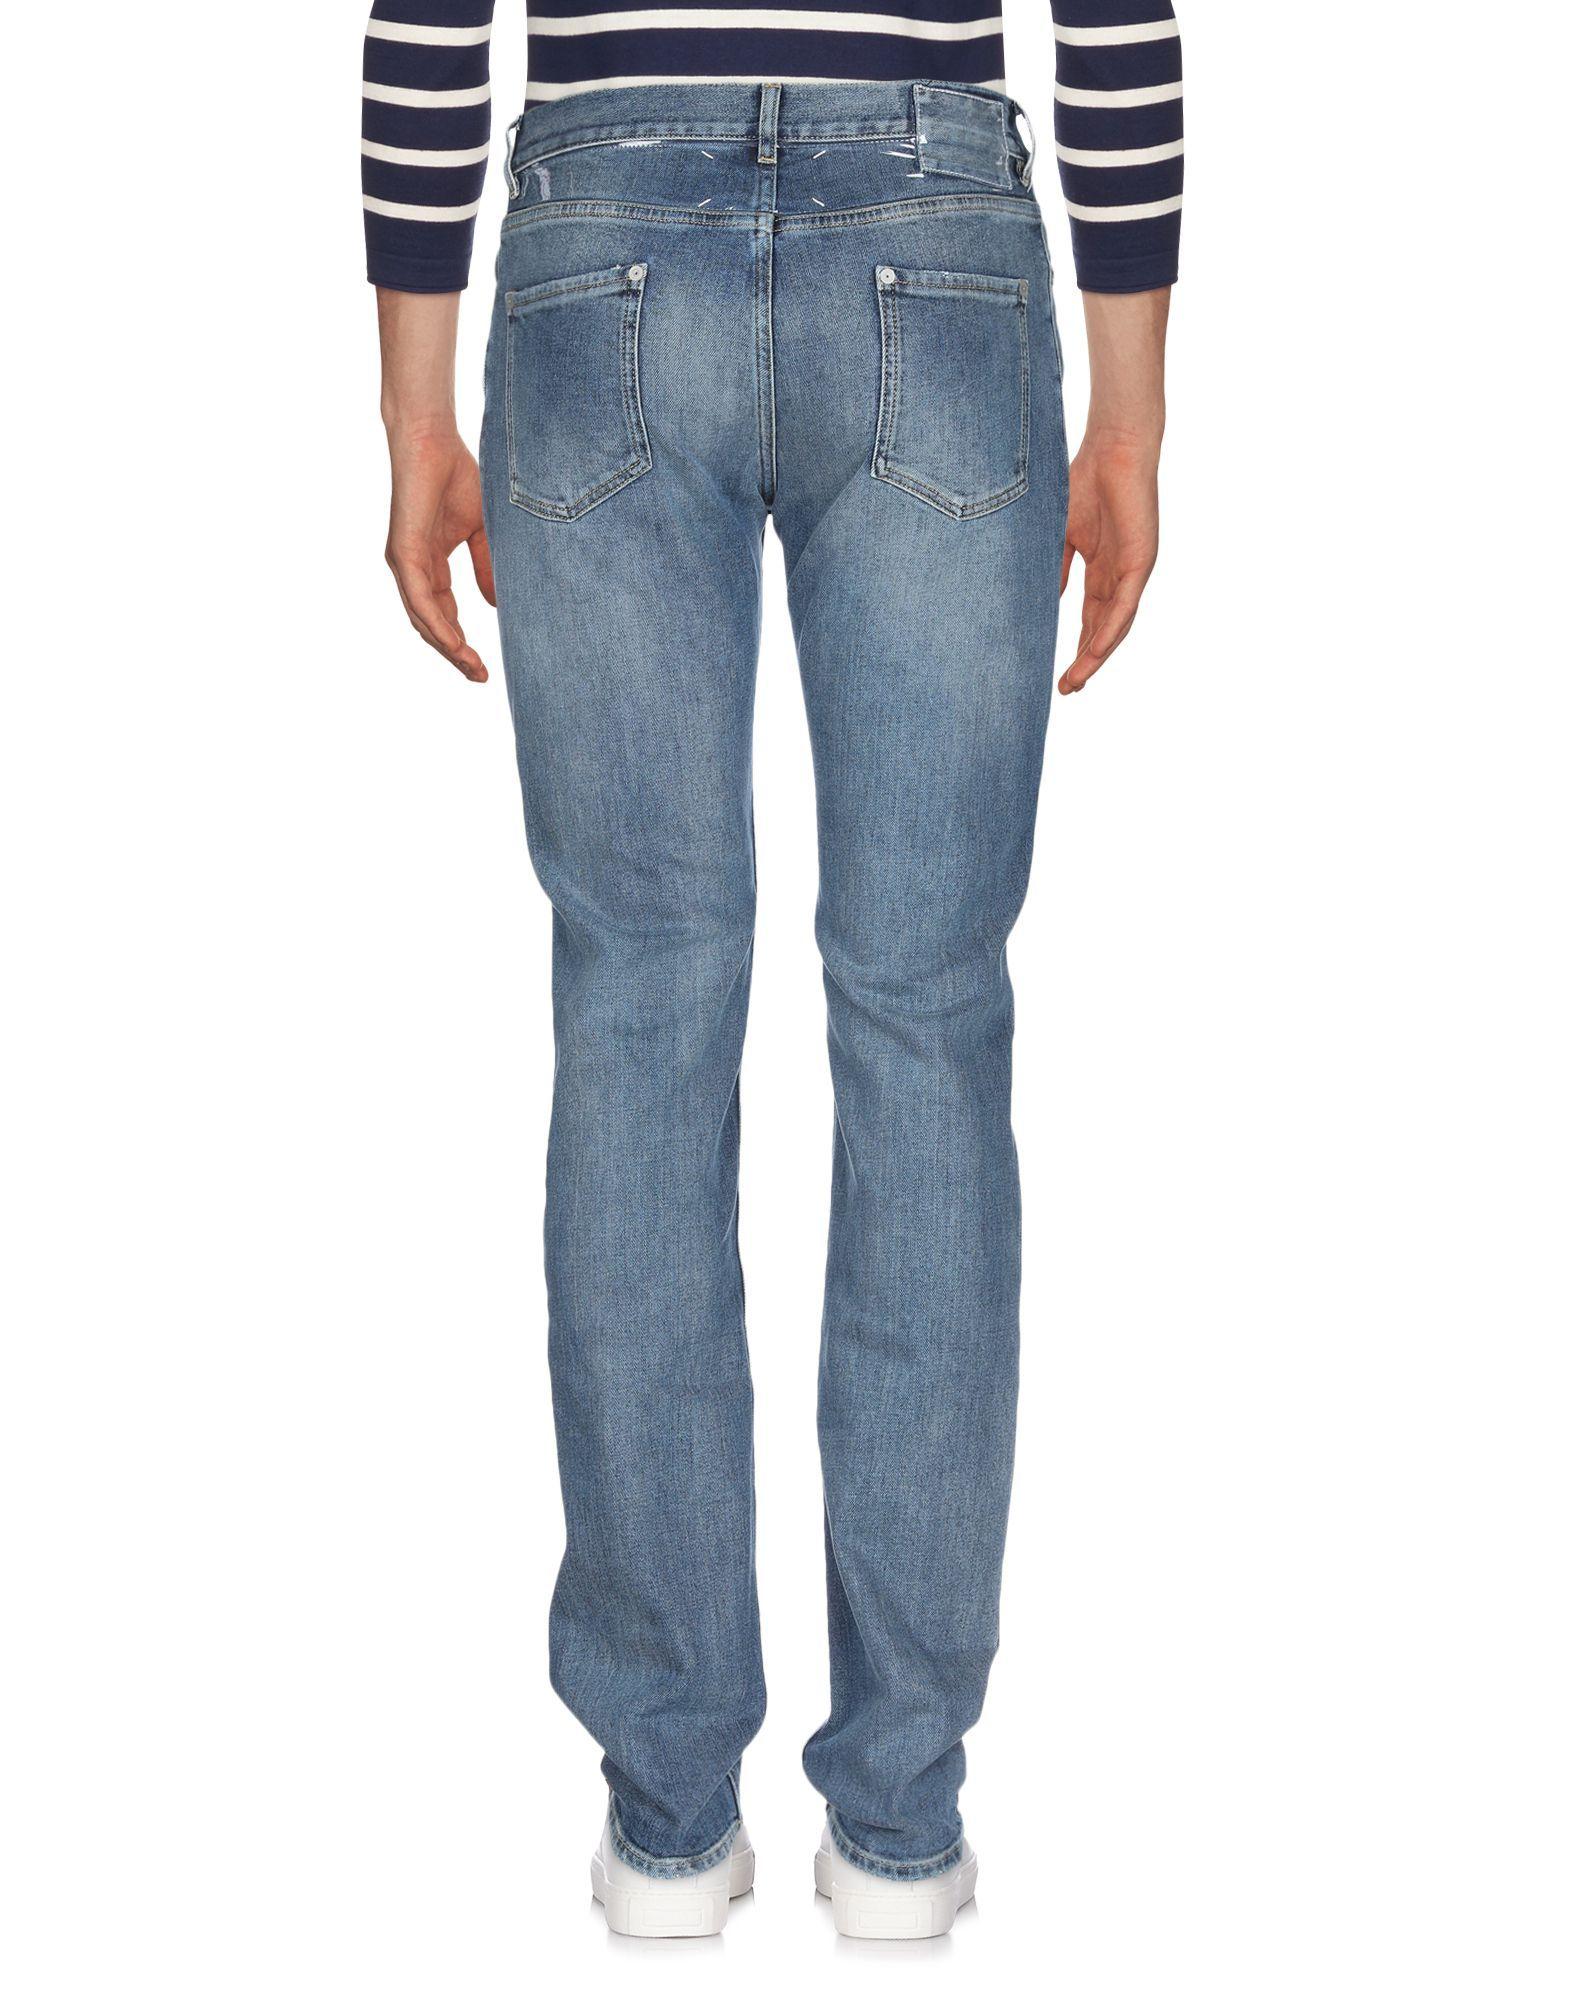 Maison Margiela Blue Cotton Jeans